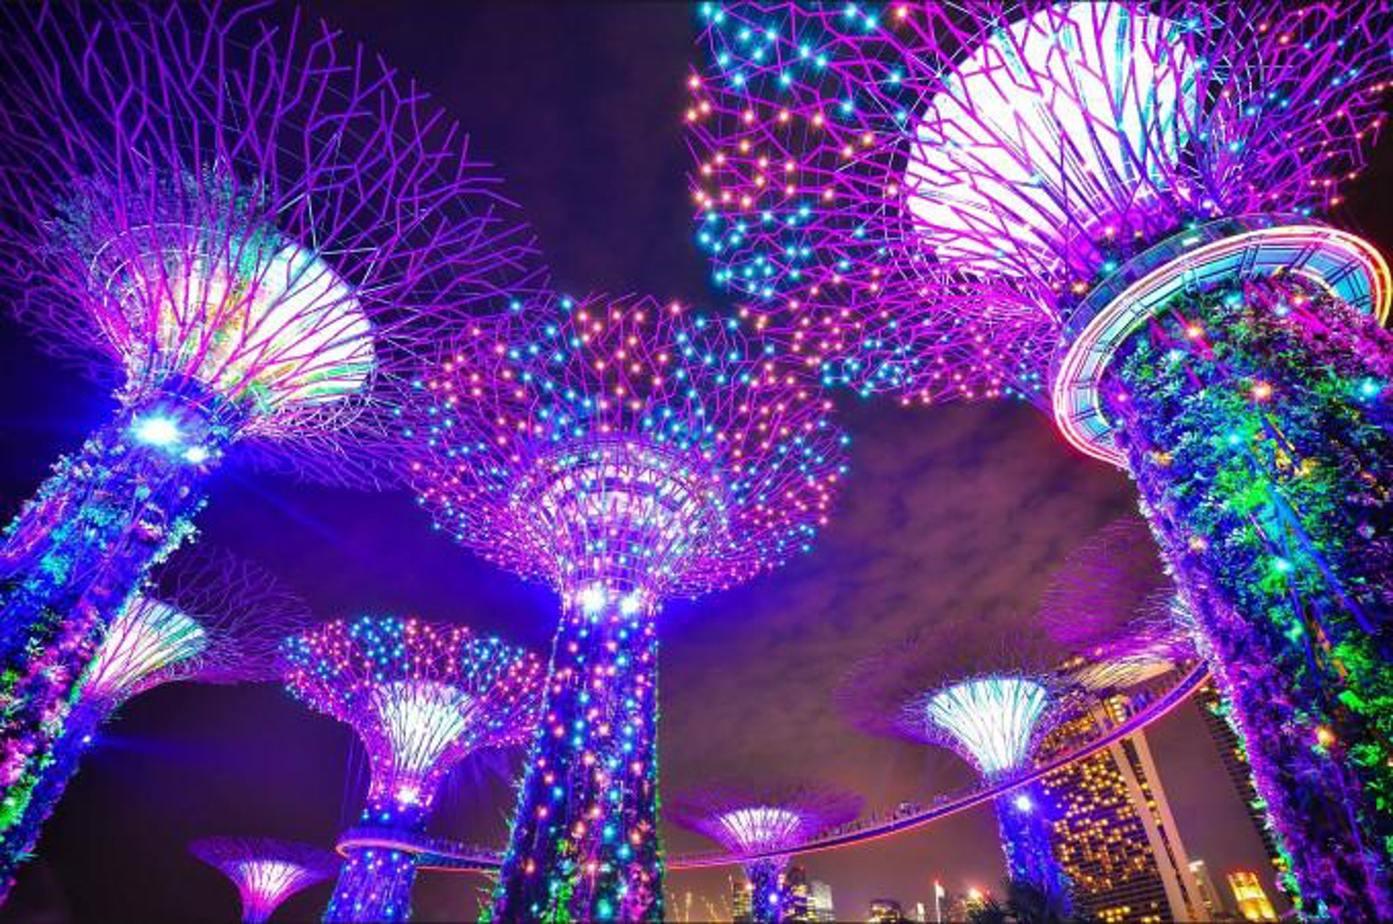 Khu vườn ánh sáng về đêm supertree grove